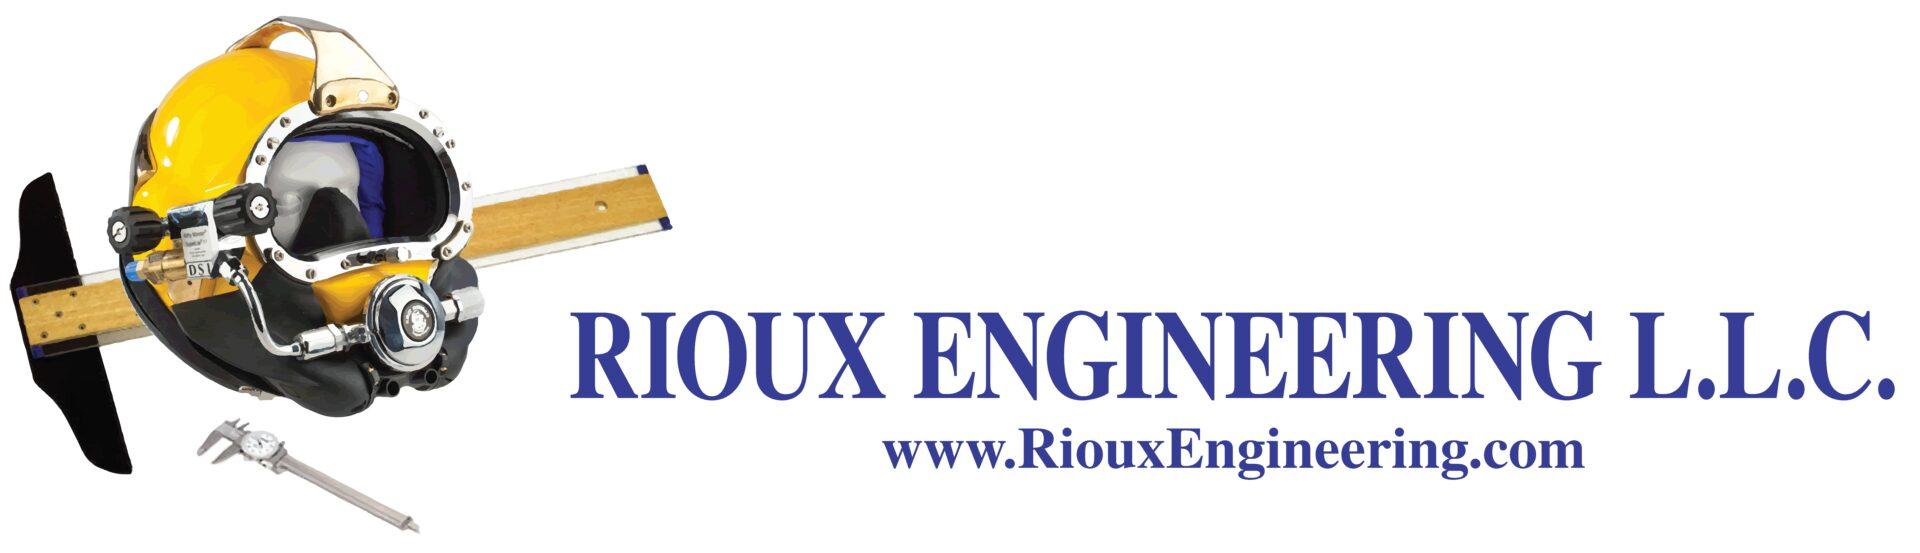 2150823 Rioux Decal Vector